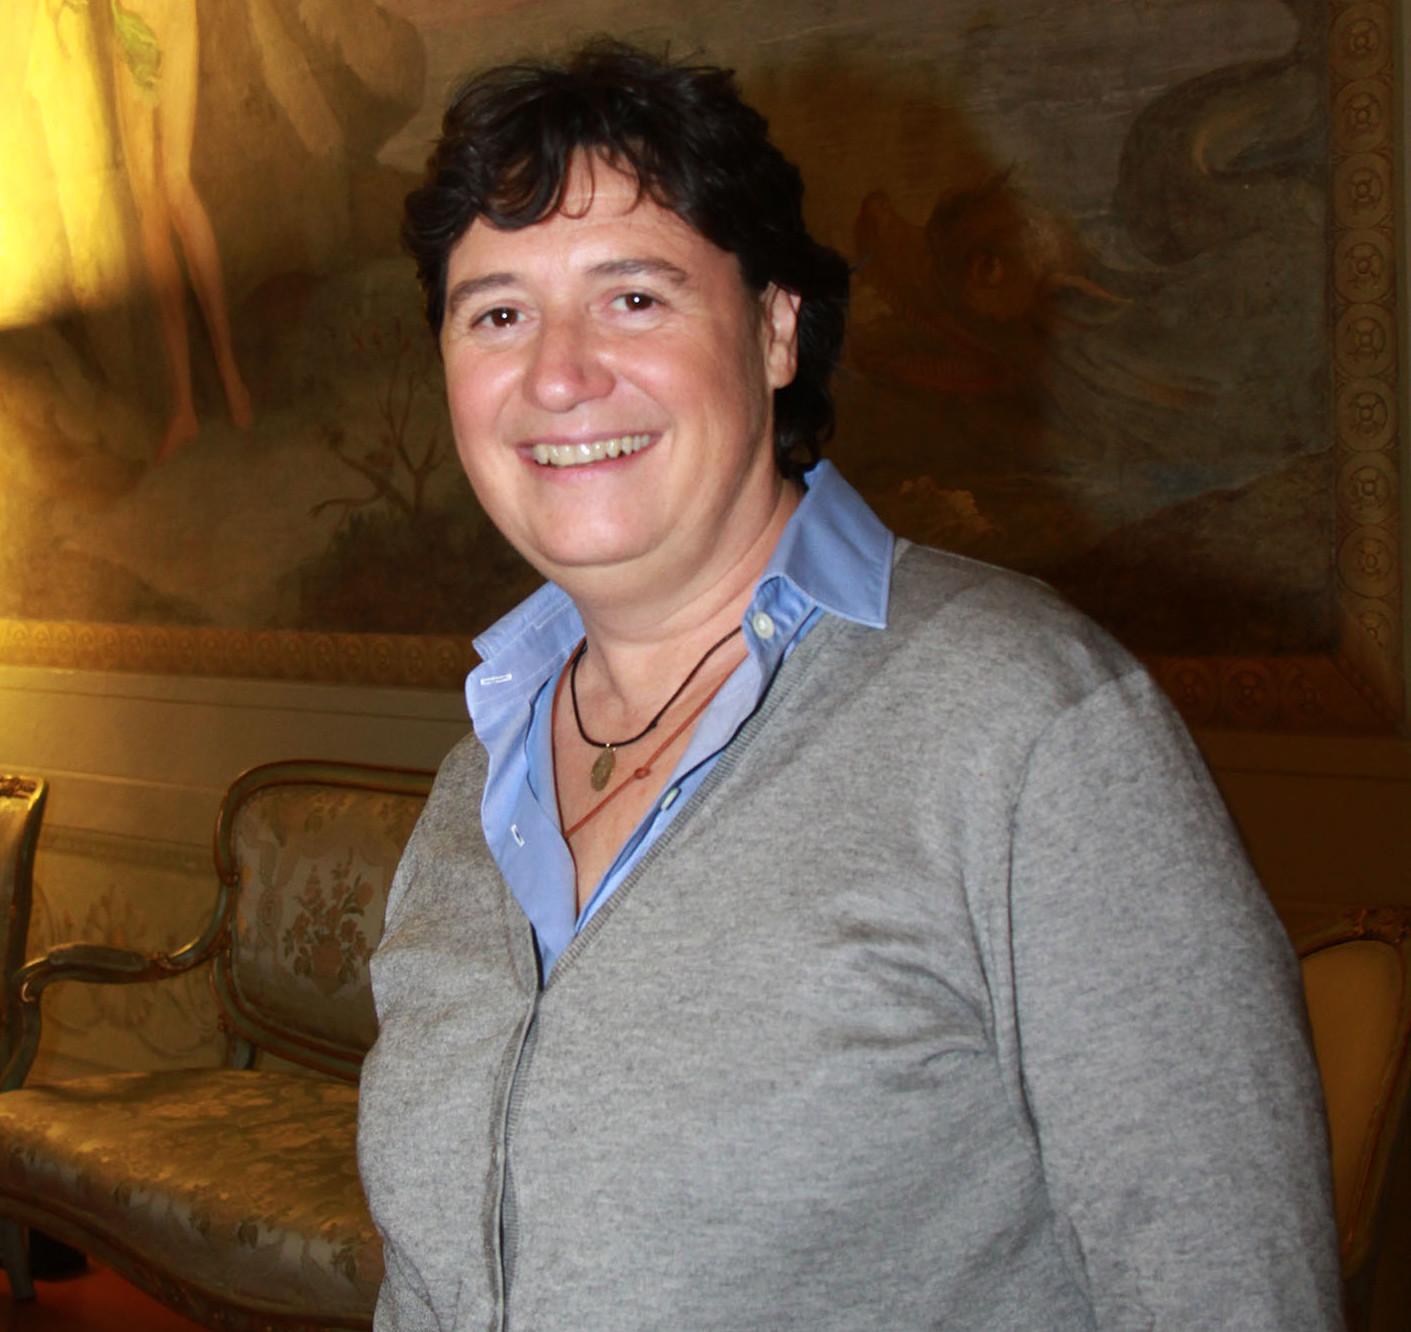 """Saccardi: """"Nuovo stadio? Va fatto per lo sviluppo di tutta Firenze"""""""